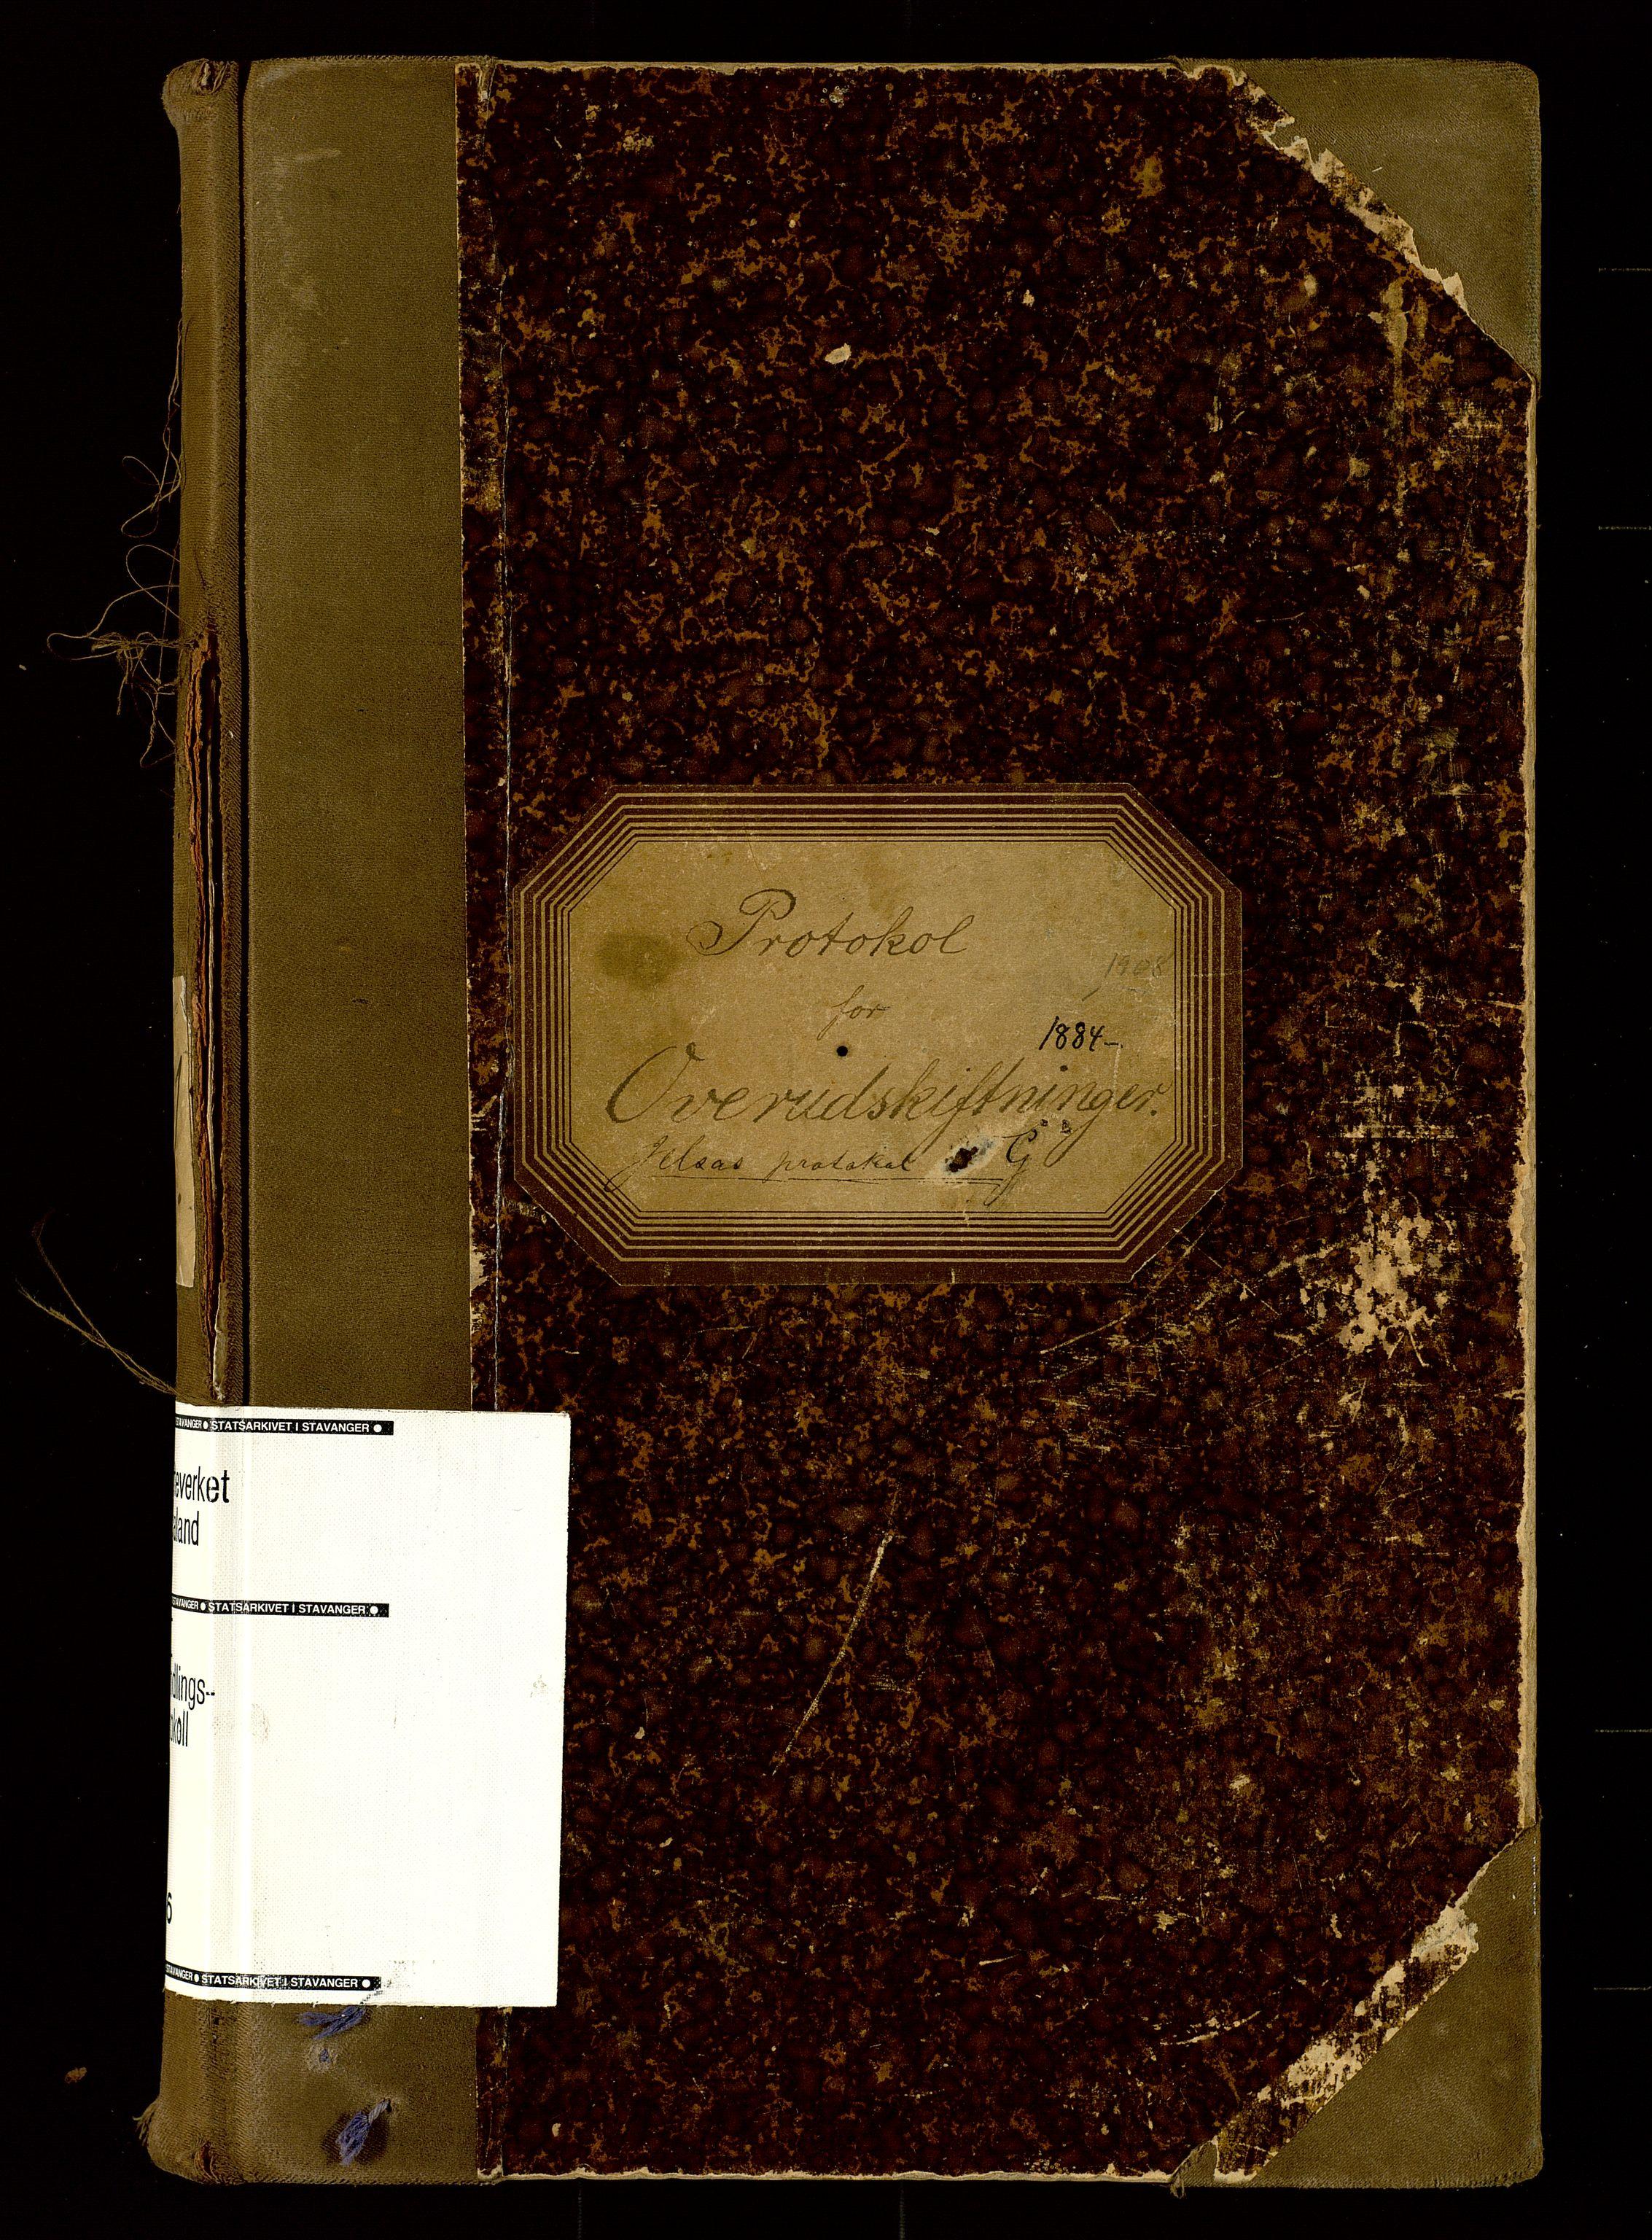 SAST, Rogaland jordskifterett, Oa/L0056: Forhandlingsprotokoll, 1884-1908